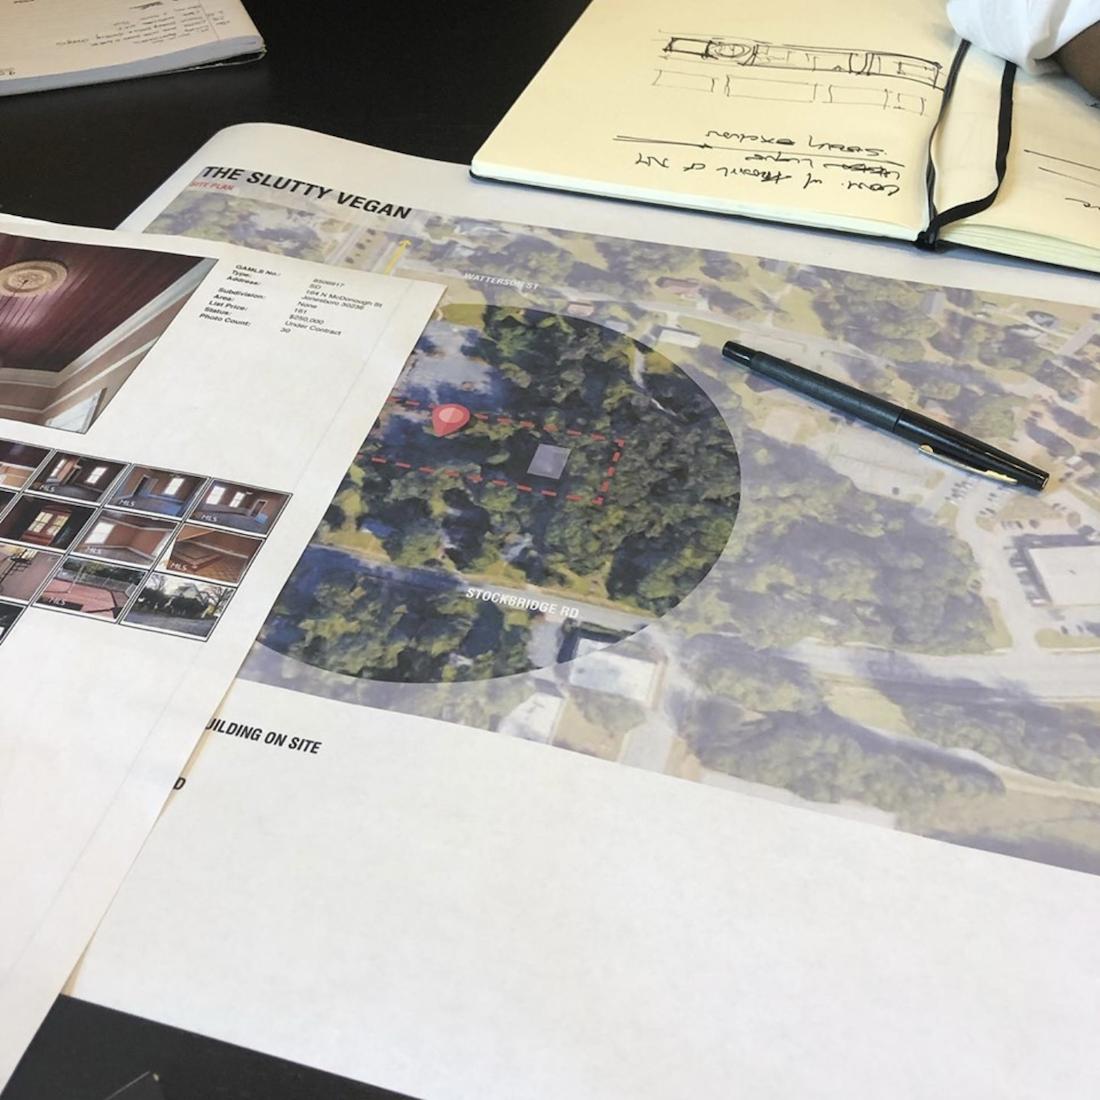 Slutty Vegan Jonesboro Plans